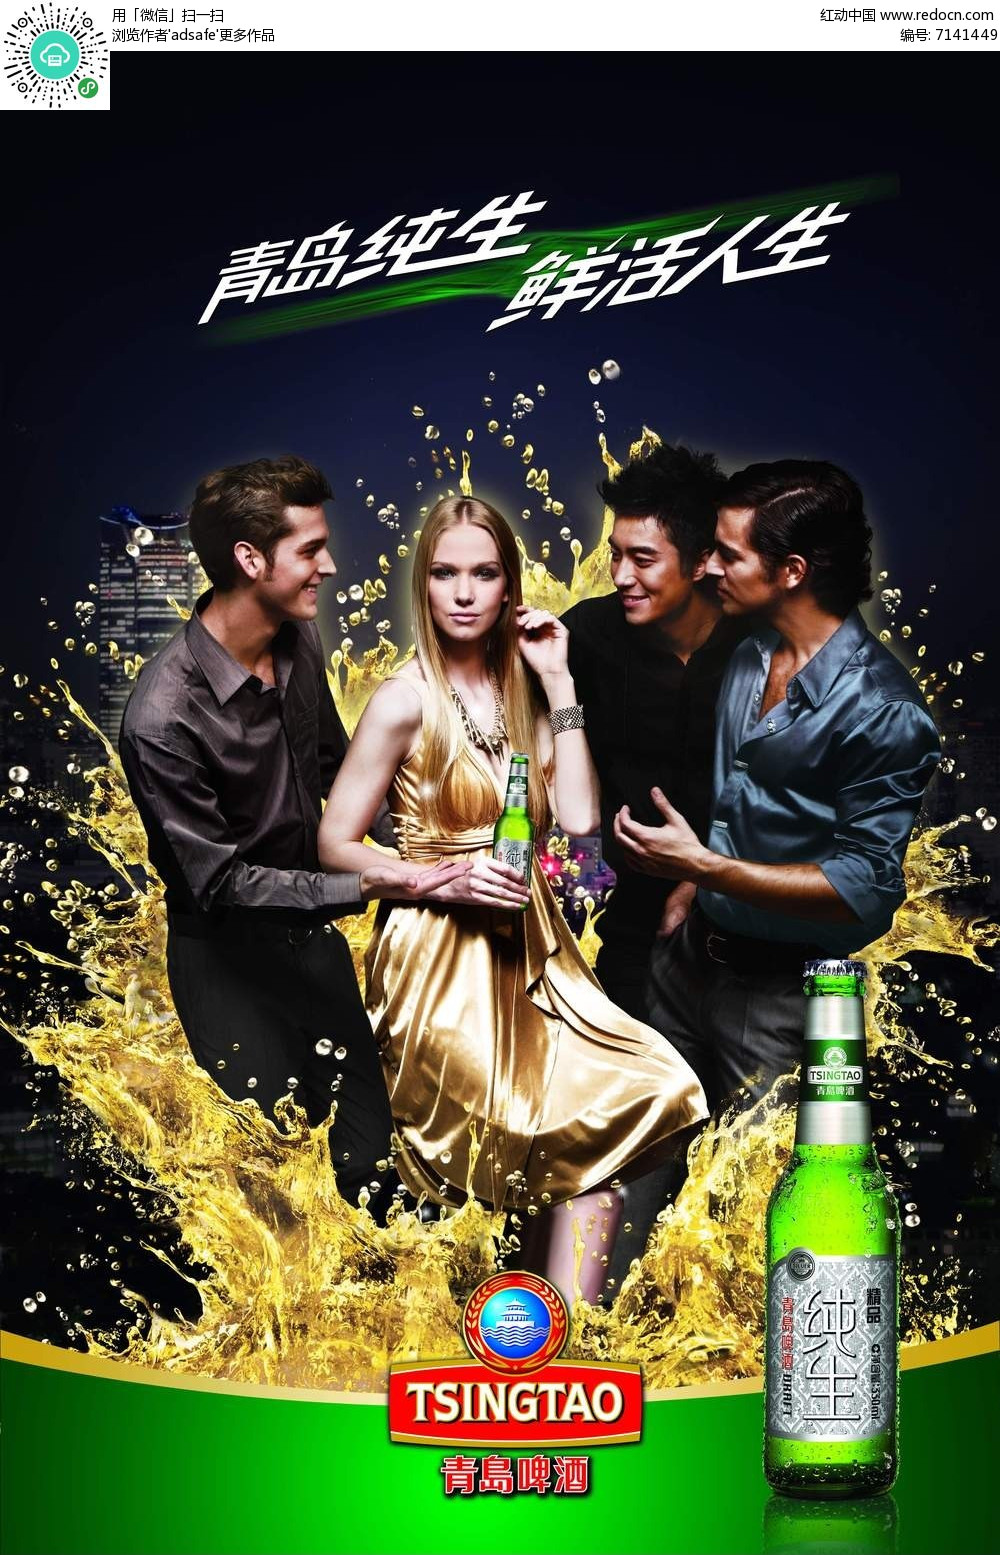 青岛啤酒宣传海报